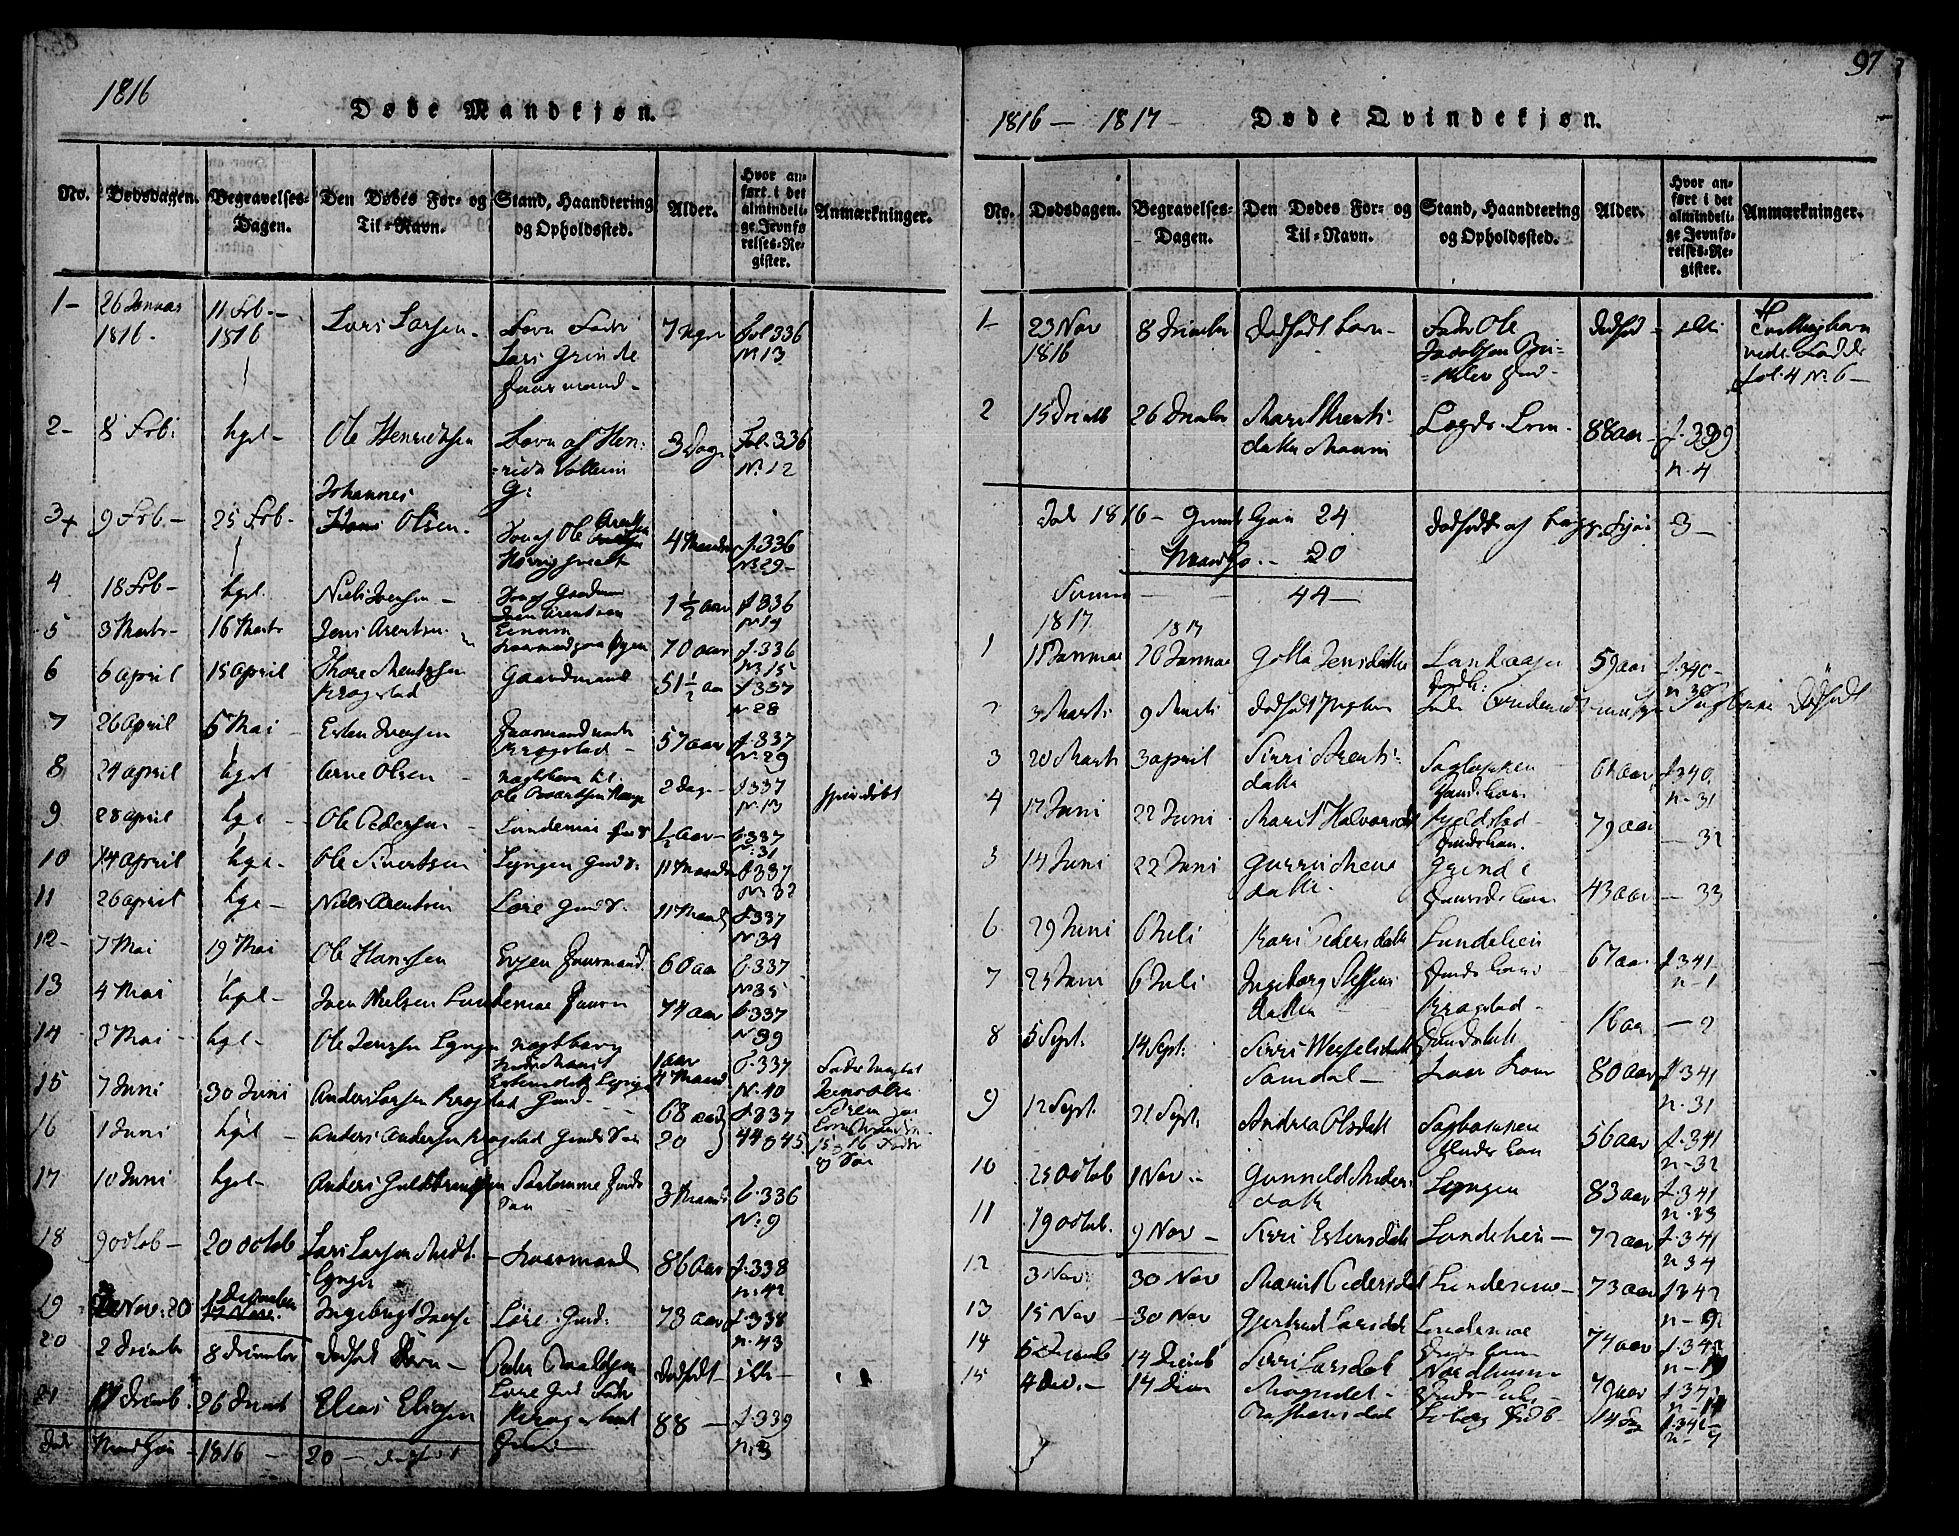 SAT, Ministerialprotokoller, klokkerbøker og fødselsregistre - Sør-Trøndelag, 692/L1102: Ministerialbok nr. 692A02, 1816-1842, s. 97